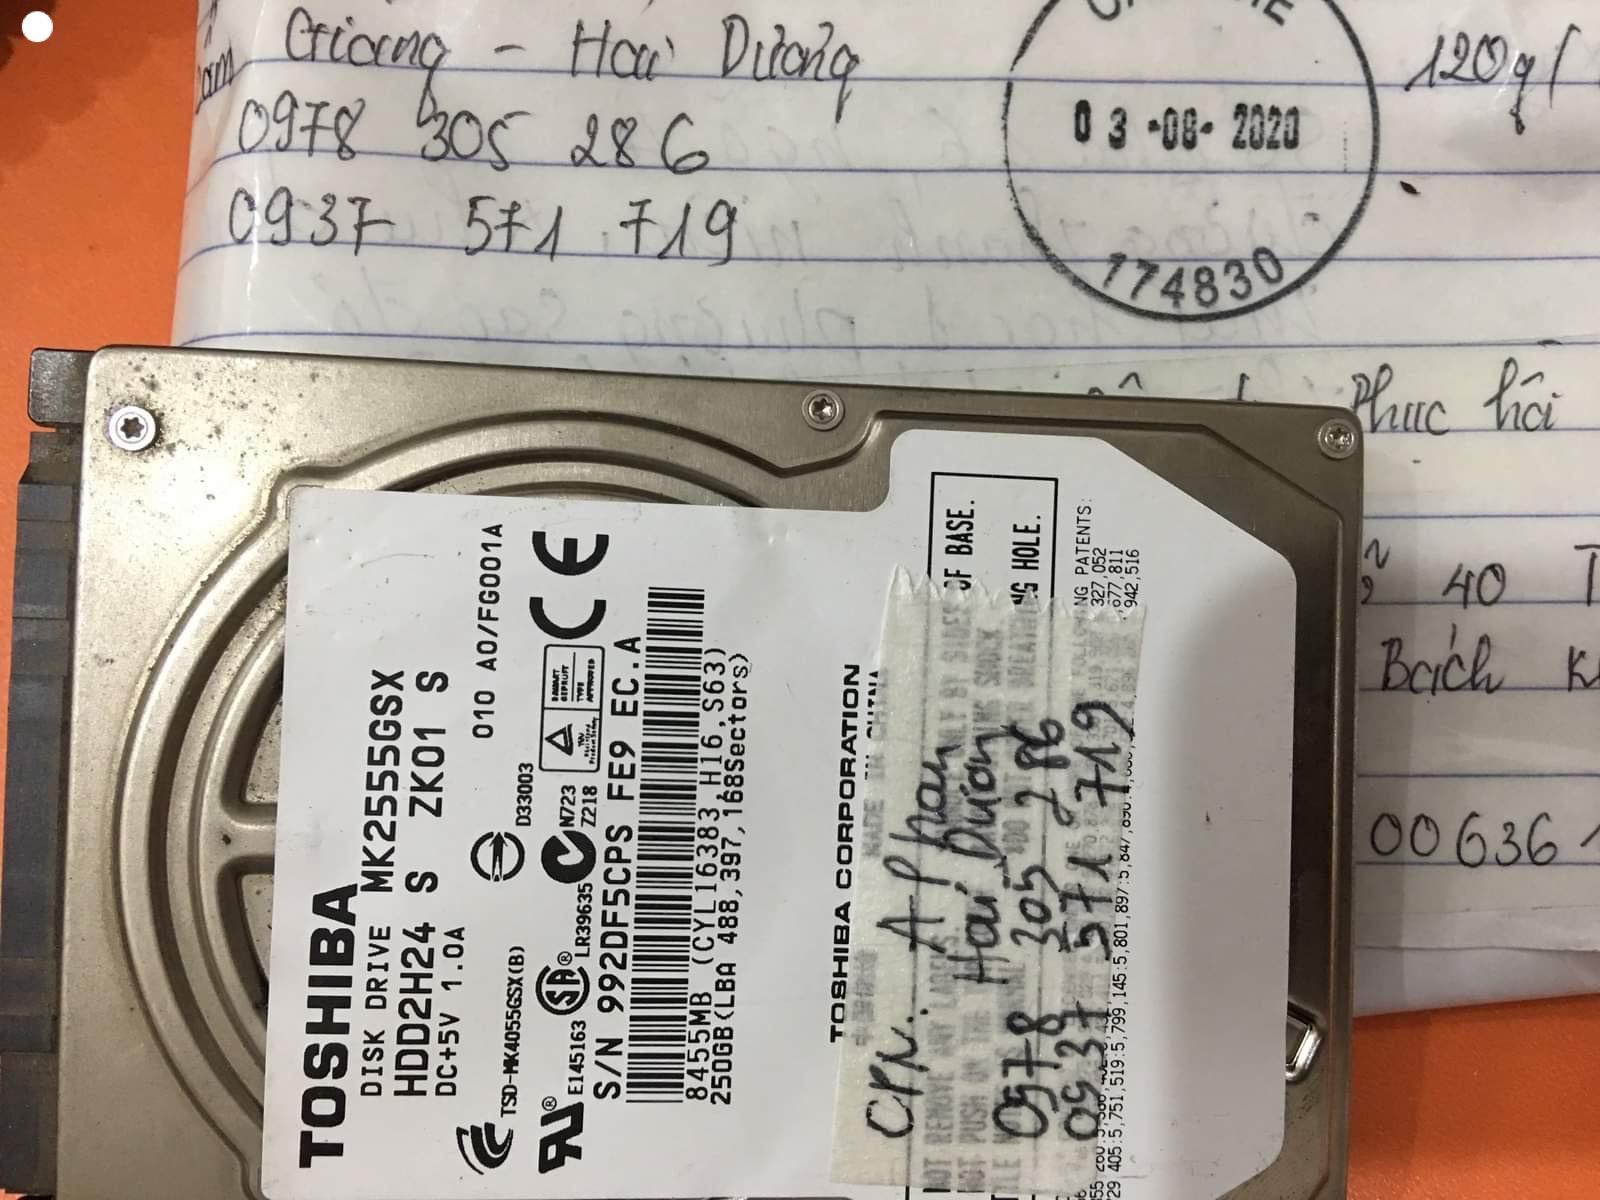 Lấy dữ liệu ổ cứng Toshiba 250GB lỗi cơ tại Hải Dương 18/09/2020 - cuumaytinh